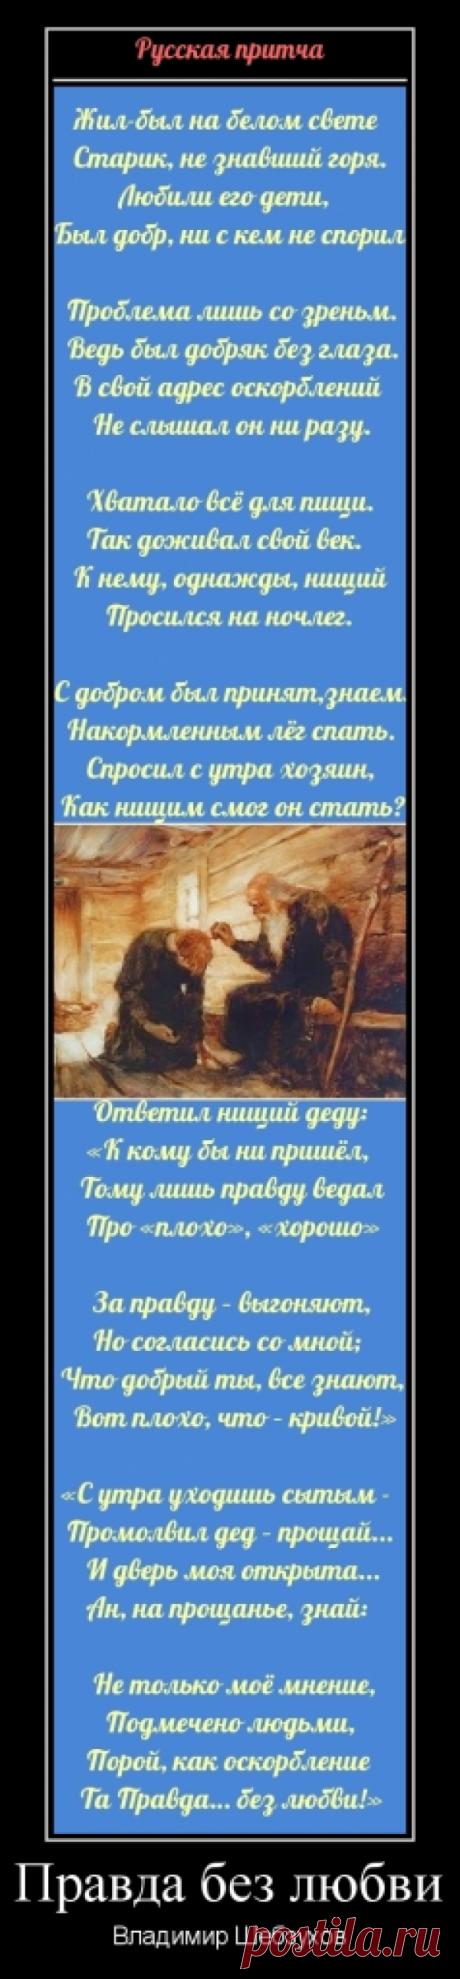 """""""Правда без любви"""" (Владимир Шебзухов) - Культура и Искусство   Поэзия"""